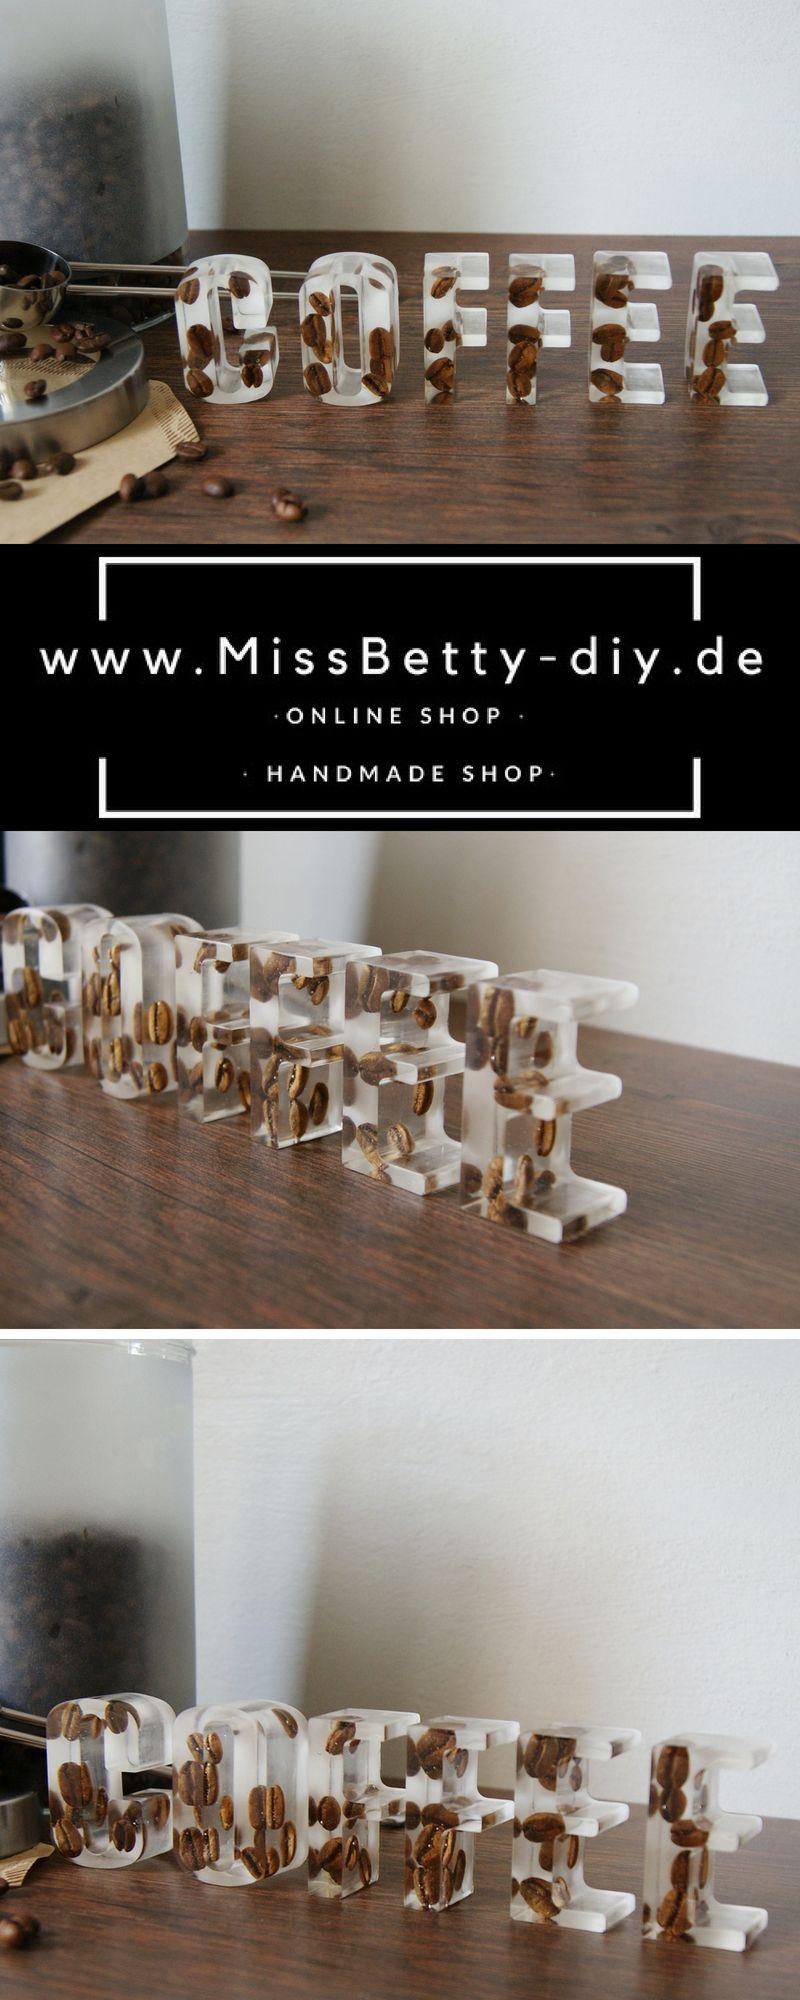 Shop the Look - Deko Schriftzug für die Küche aus Gießharz/ Resin ...